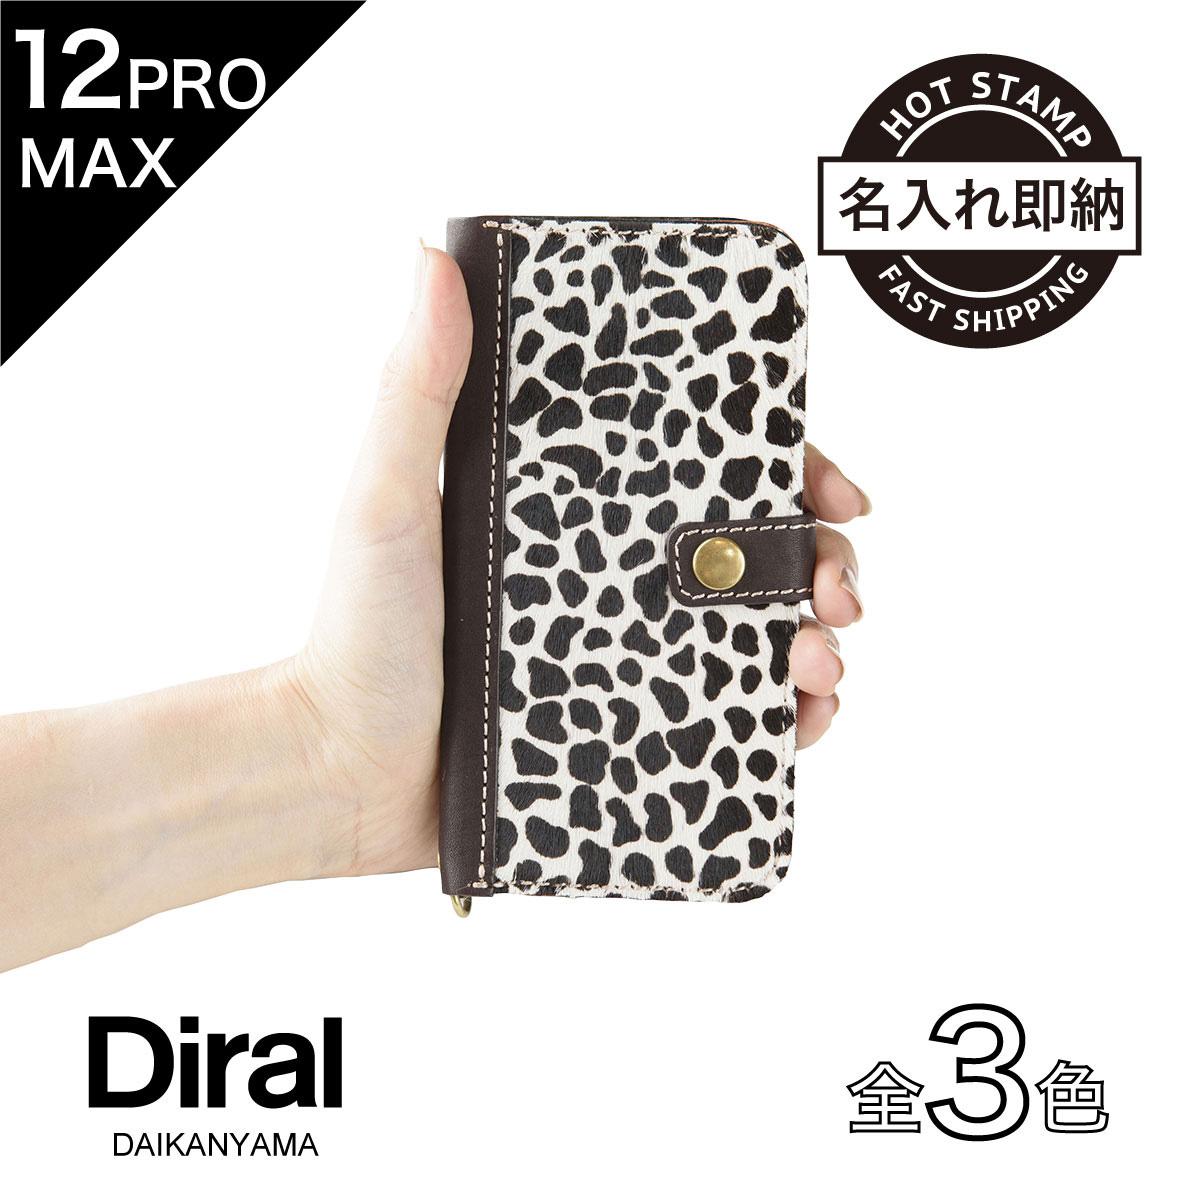 Diral代官山の レザー iPhone12Proケース 本革 の 手帳型 ケースは上質な ハラコ を使用 Diral ヌメ革 レディース メンズ 日本製 iPhoneケース 低価格 耐衝撃 カード収納付き 激安超特価 スナップボタン おしゃれ 大人かわいい